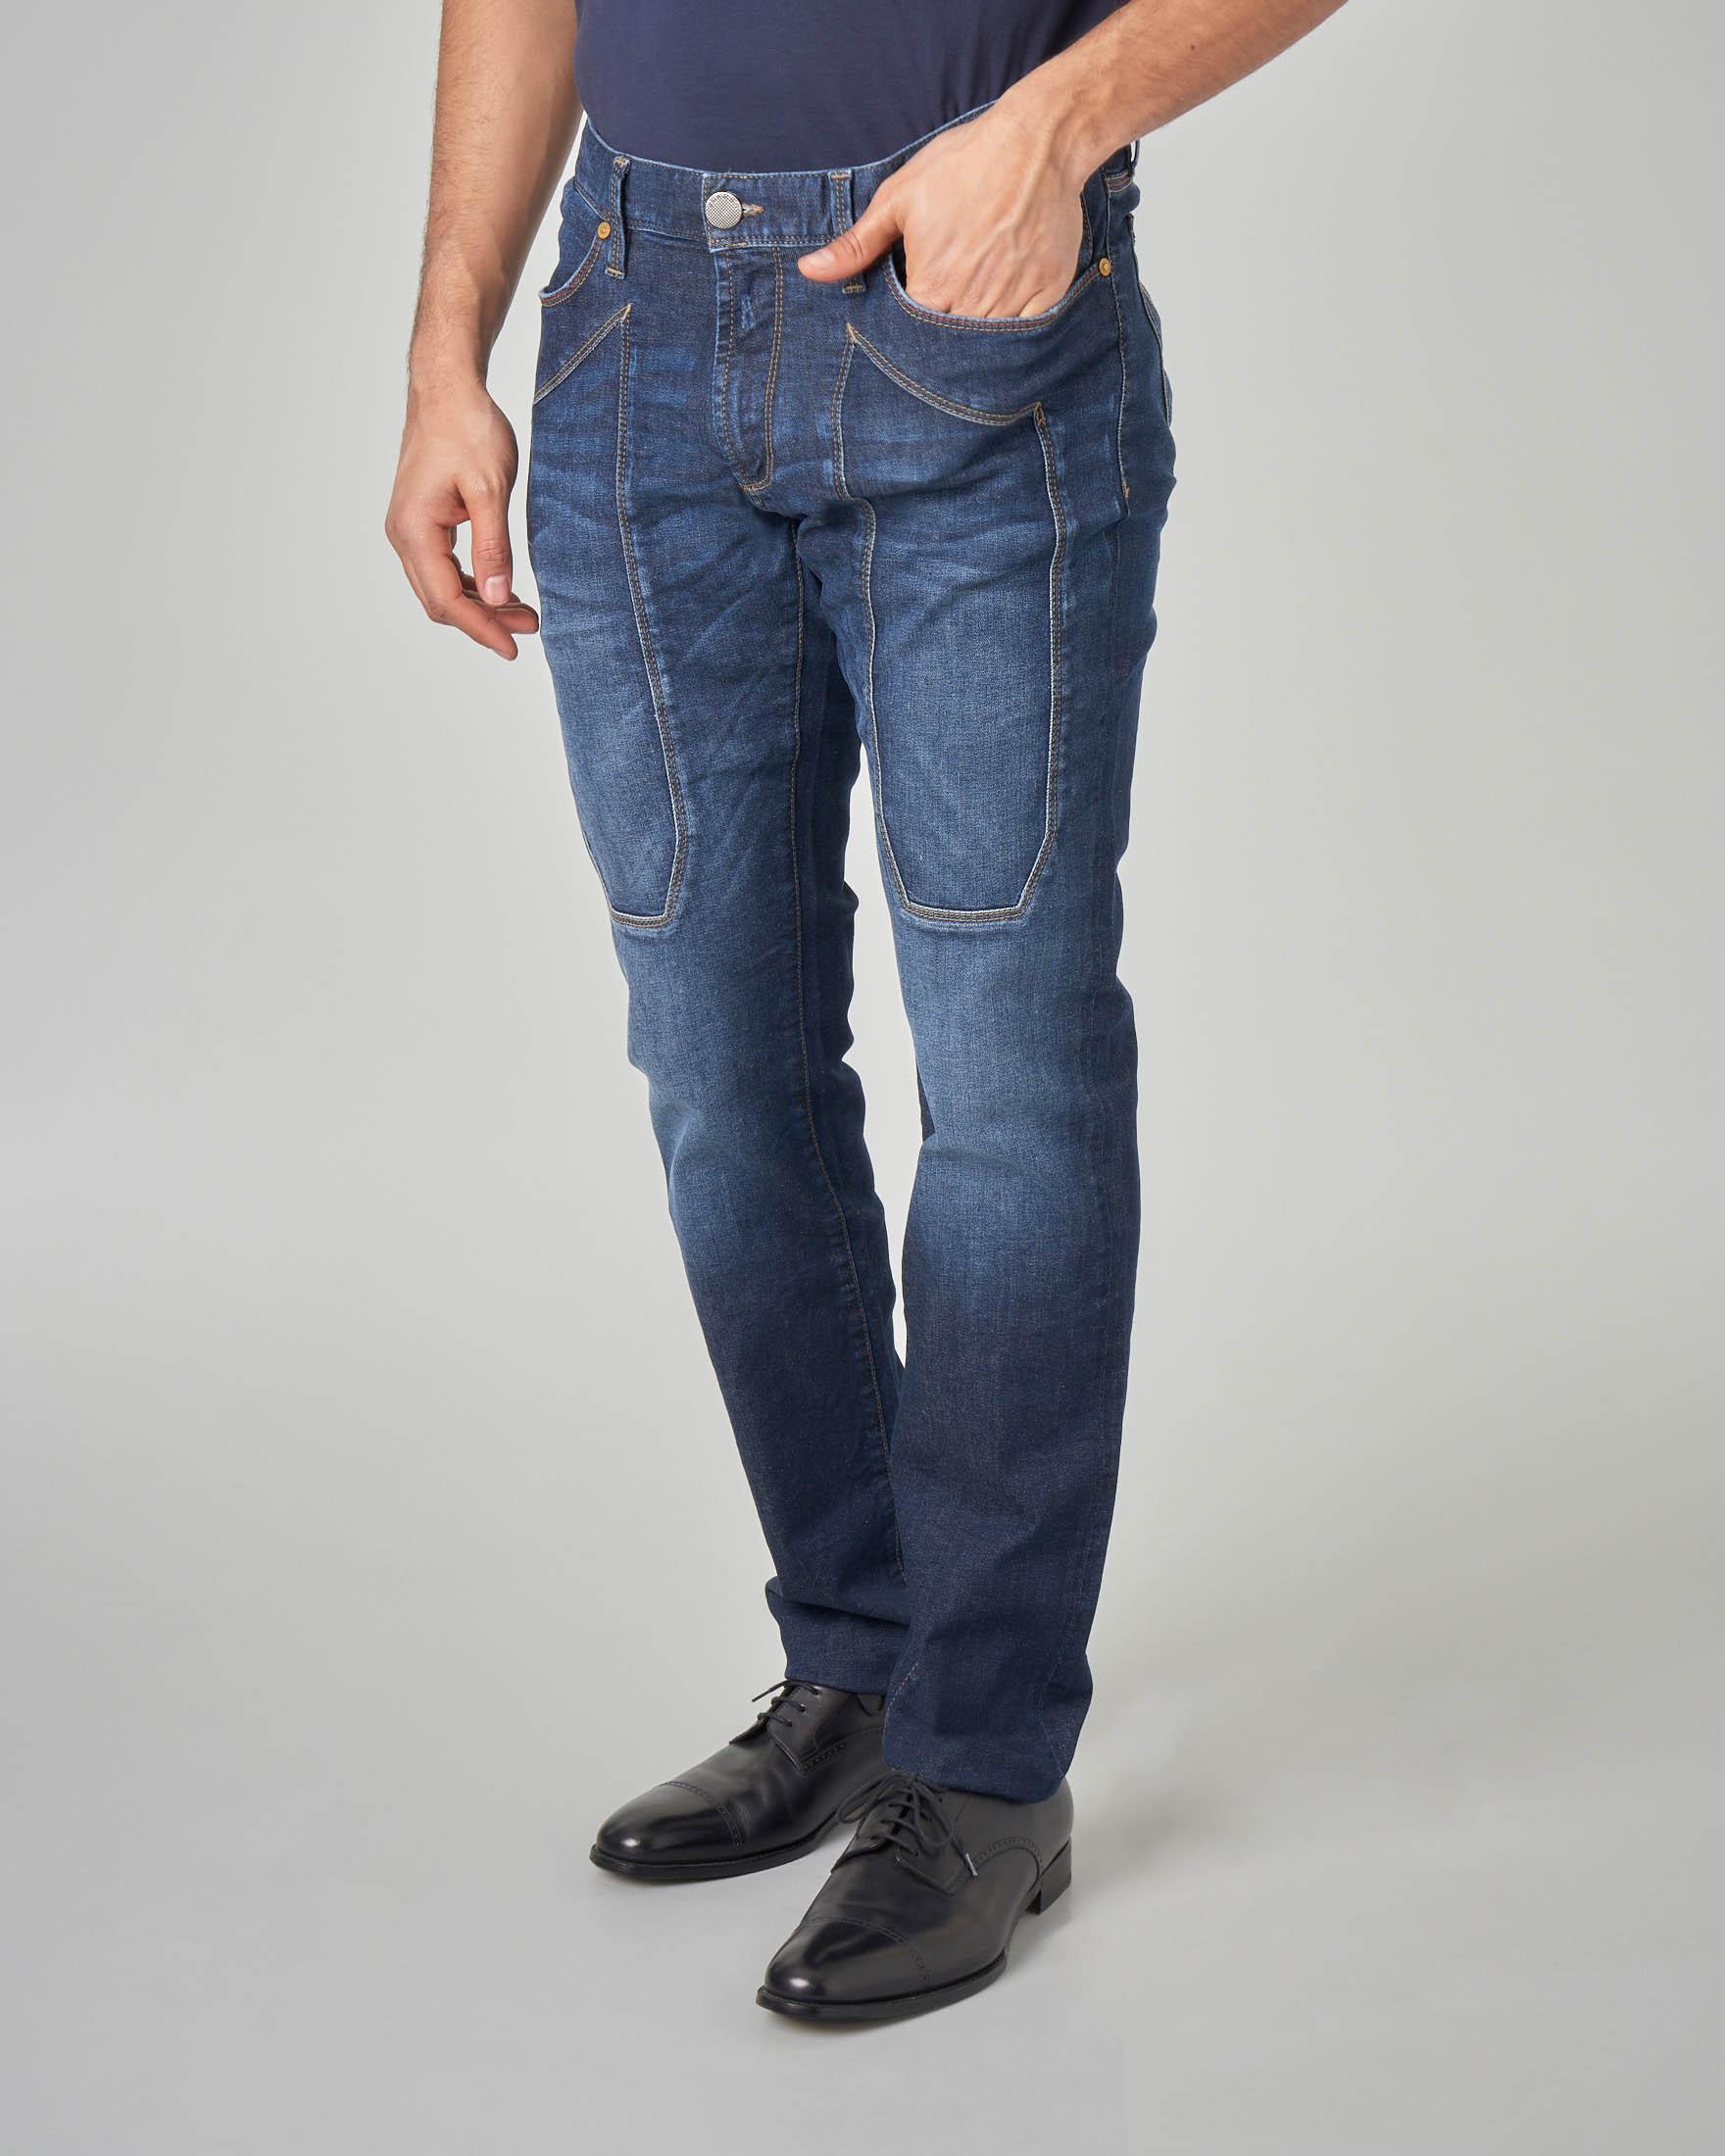 Jeans PA77 con toppa lavaggio scuro stone wash